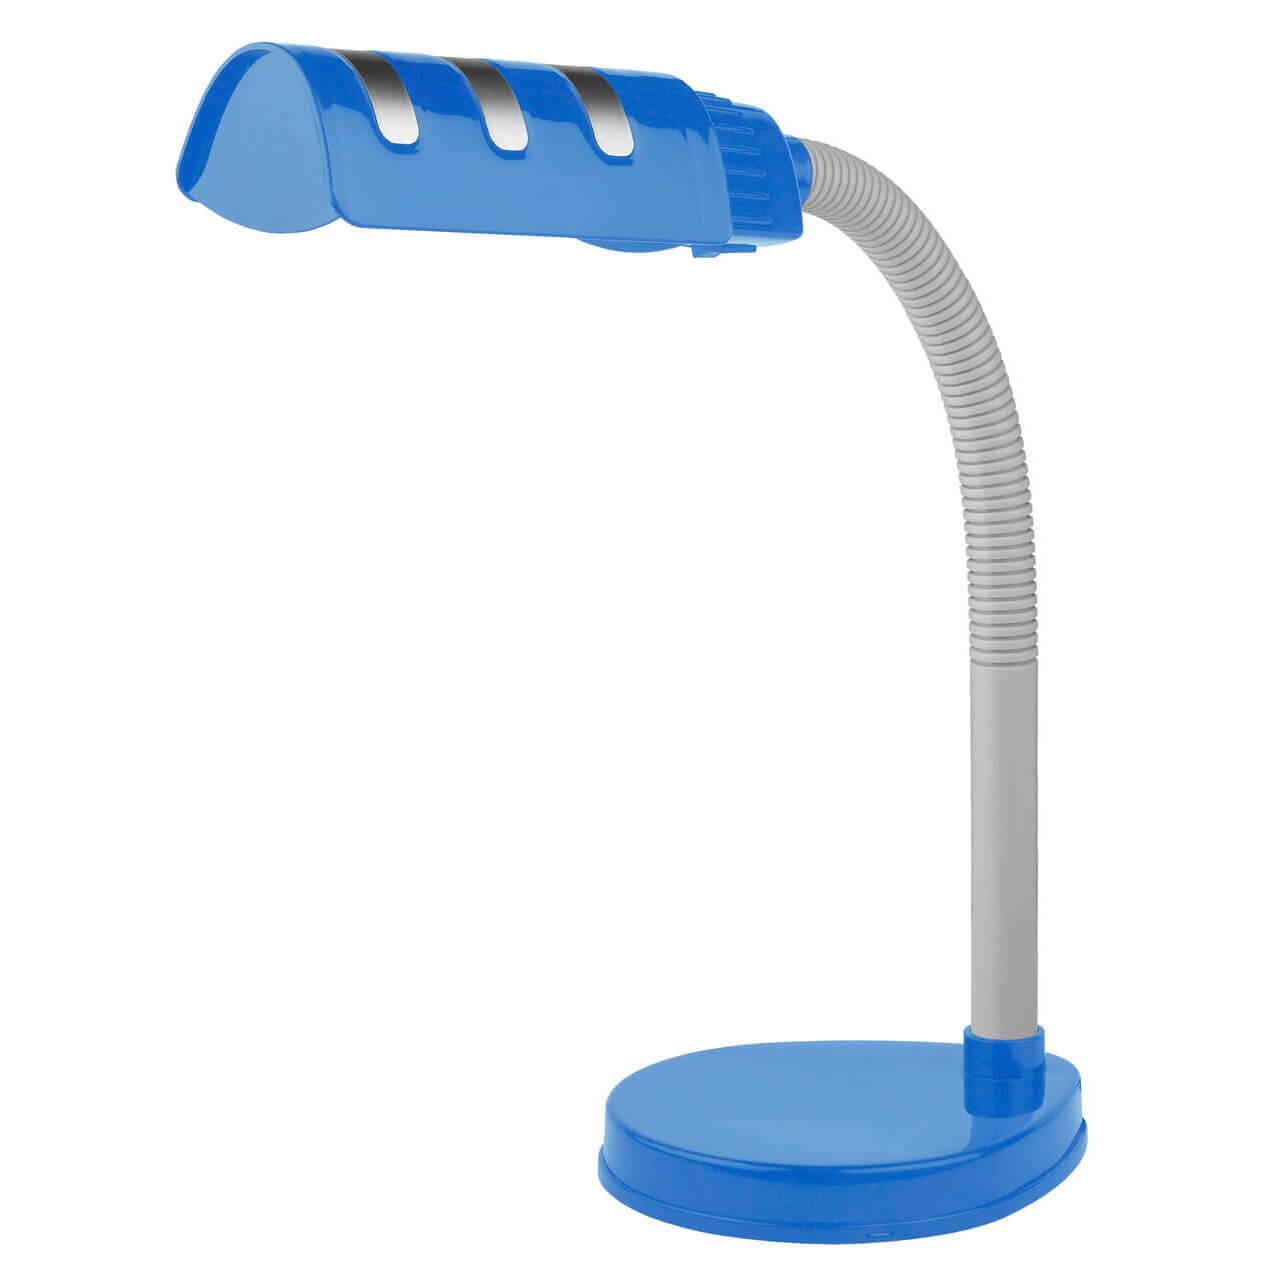 Настольная лампа ЭРА NE-302-E27-15W-BU настольная лампа эра ne 306 e27 25w w